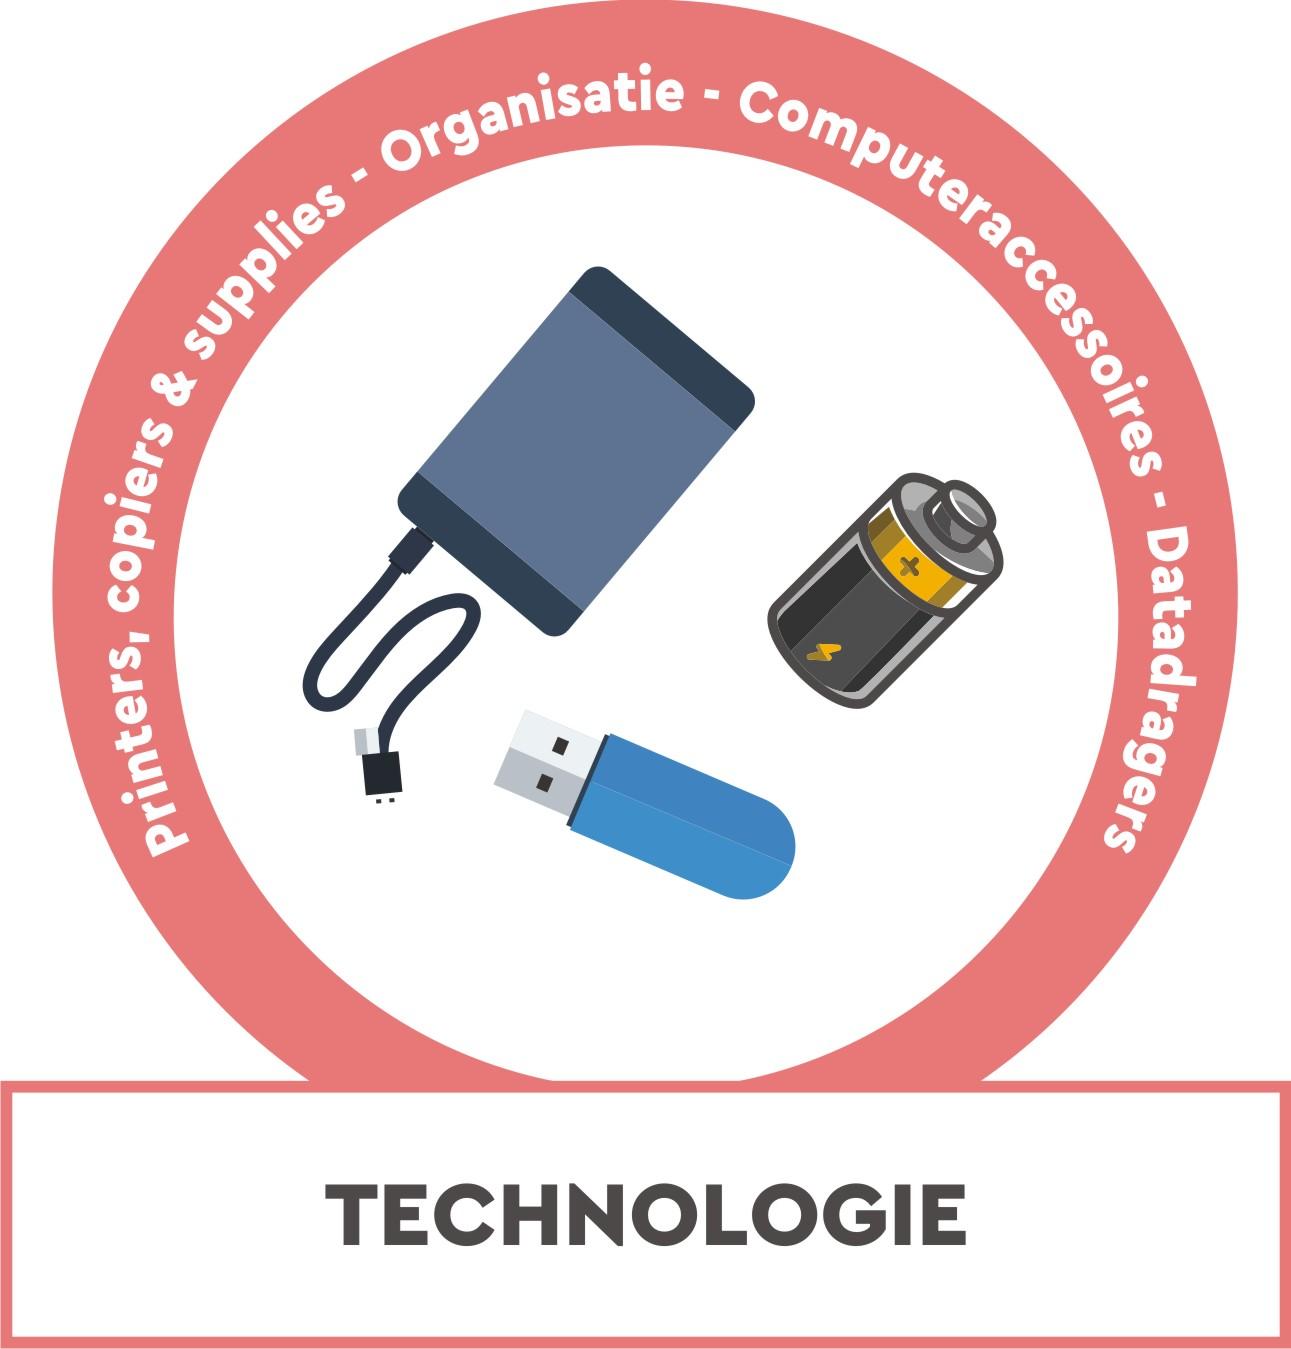 Printers, kopiemachines, organisatie, computeraccessoires, dataopslag, projectoren, ...